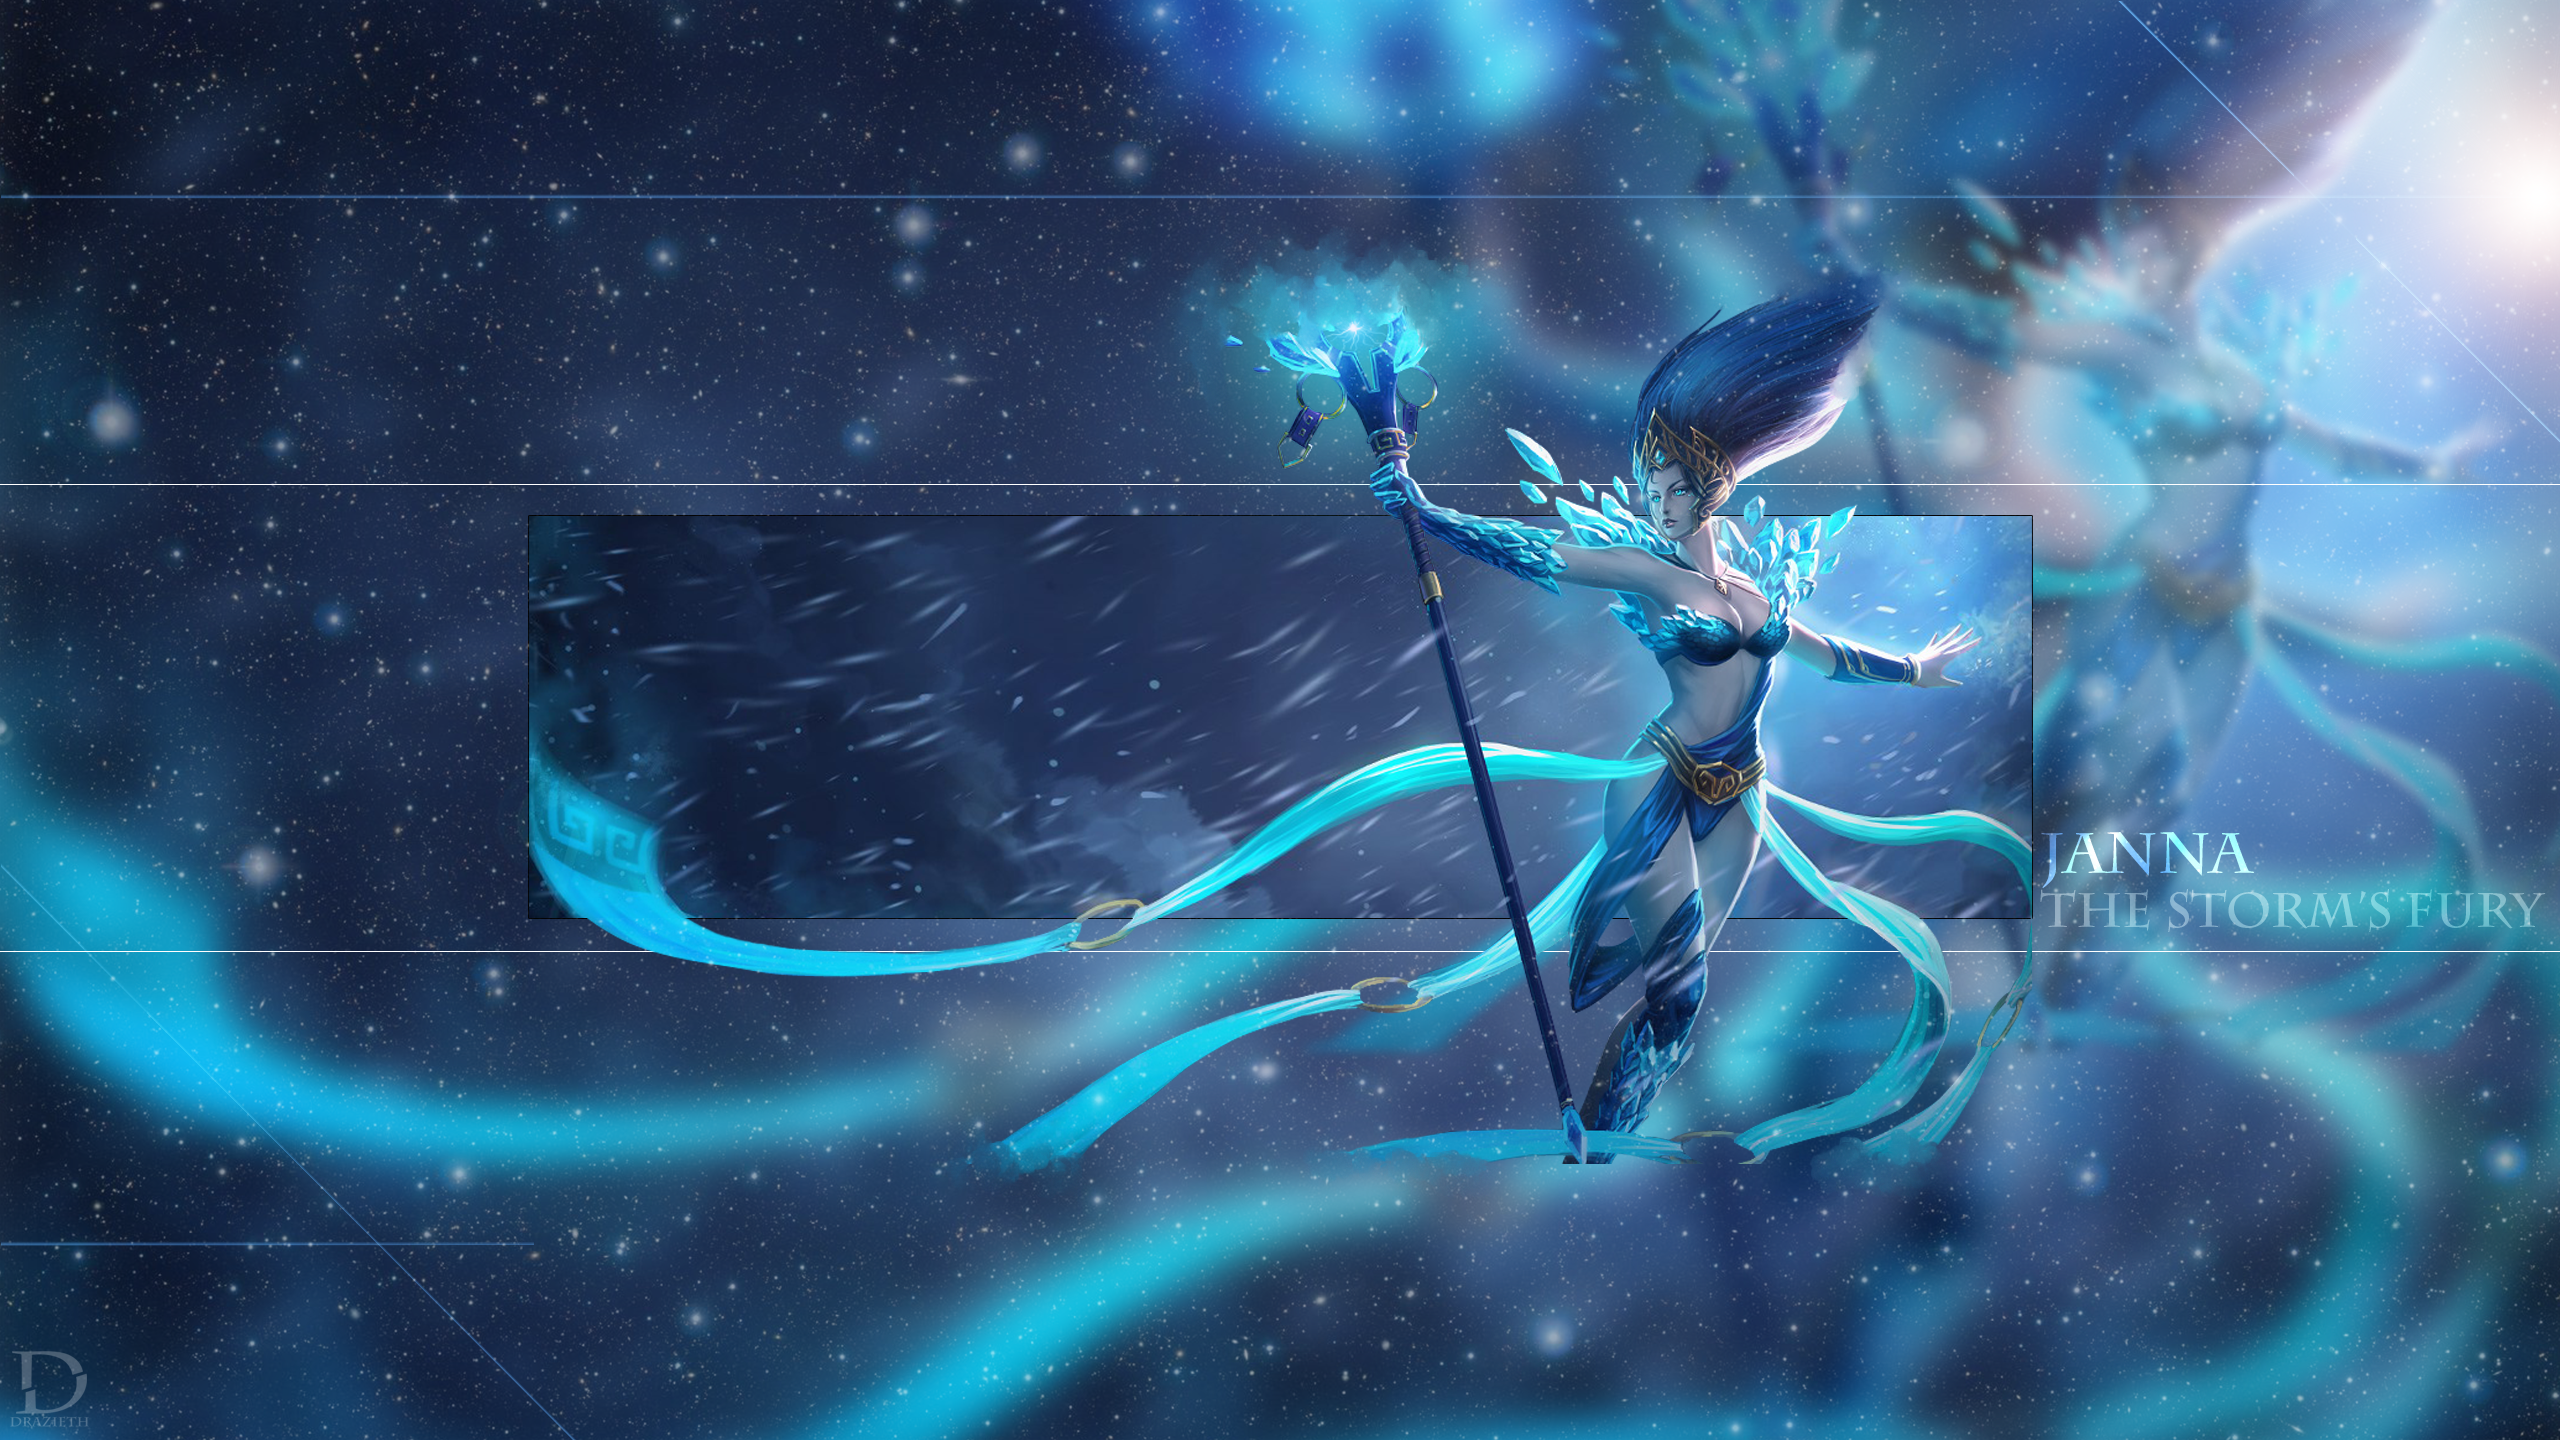 frost queen janna league of legends wallpaper by